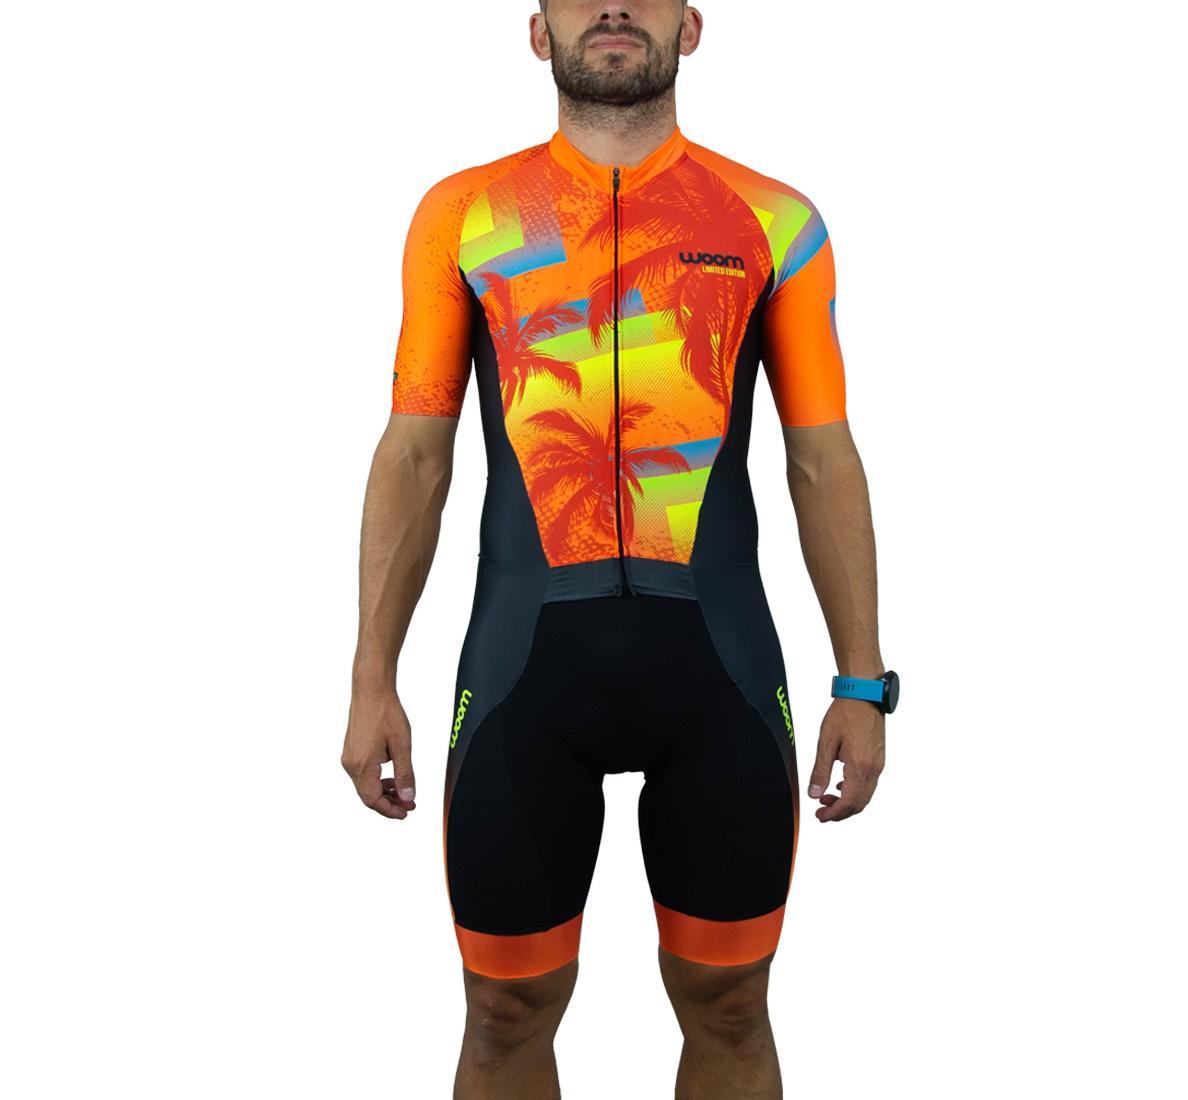 Macaquinho Ciclismo Ed. Limitada Sunset Masc Summer